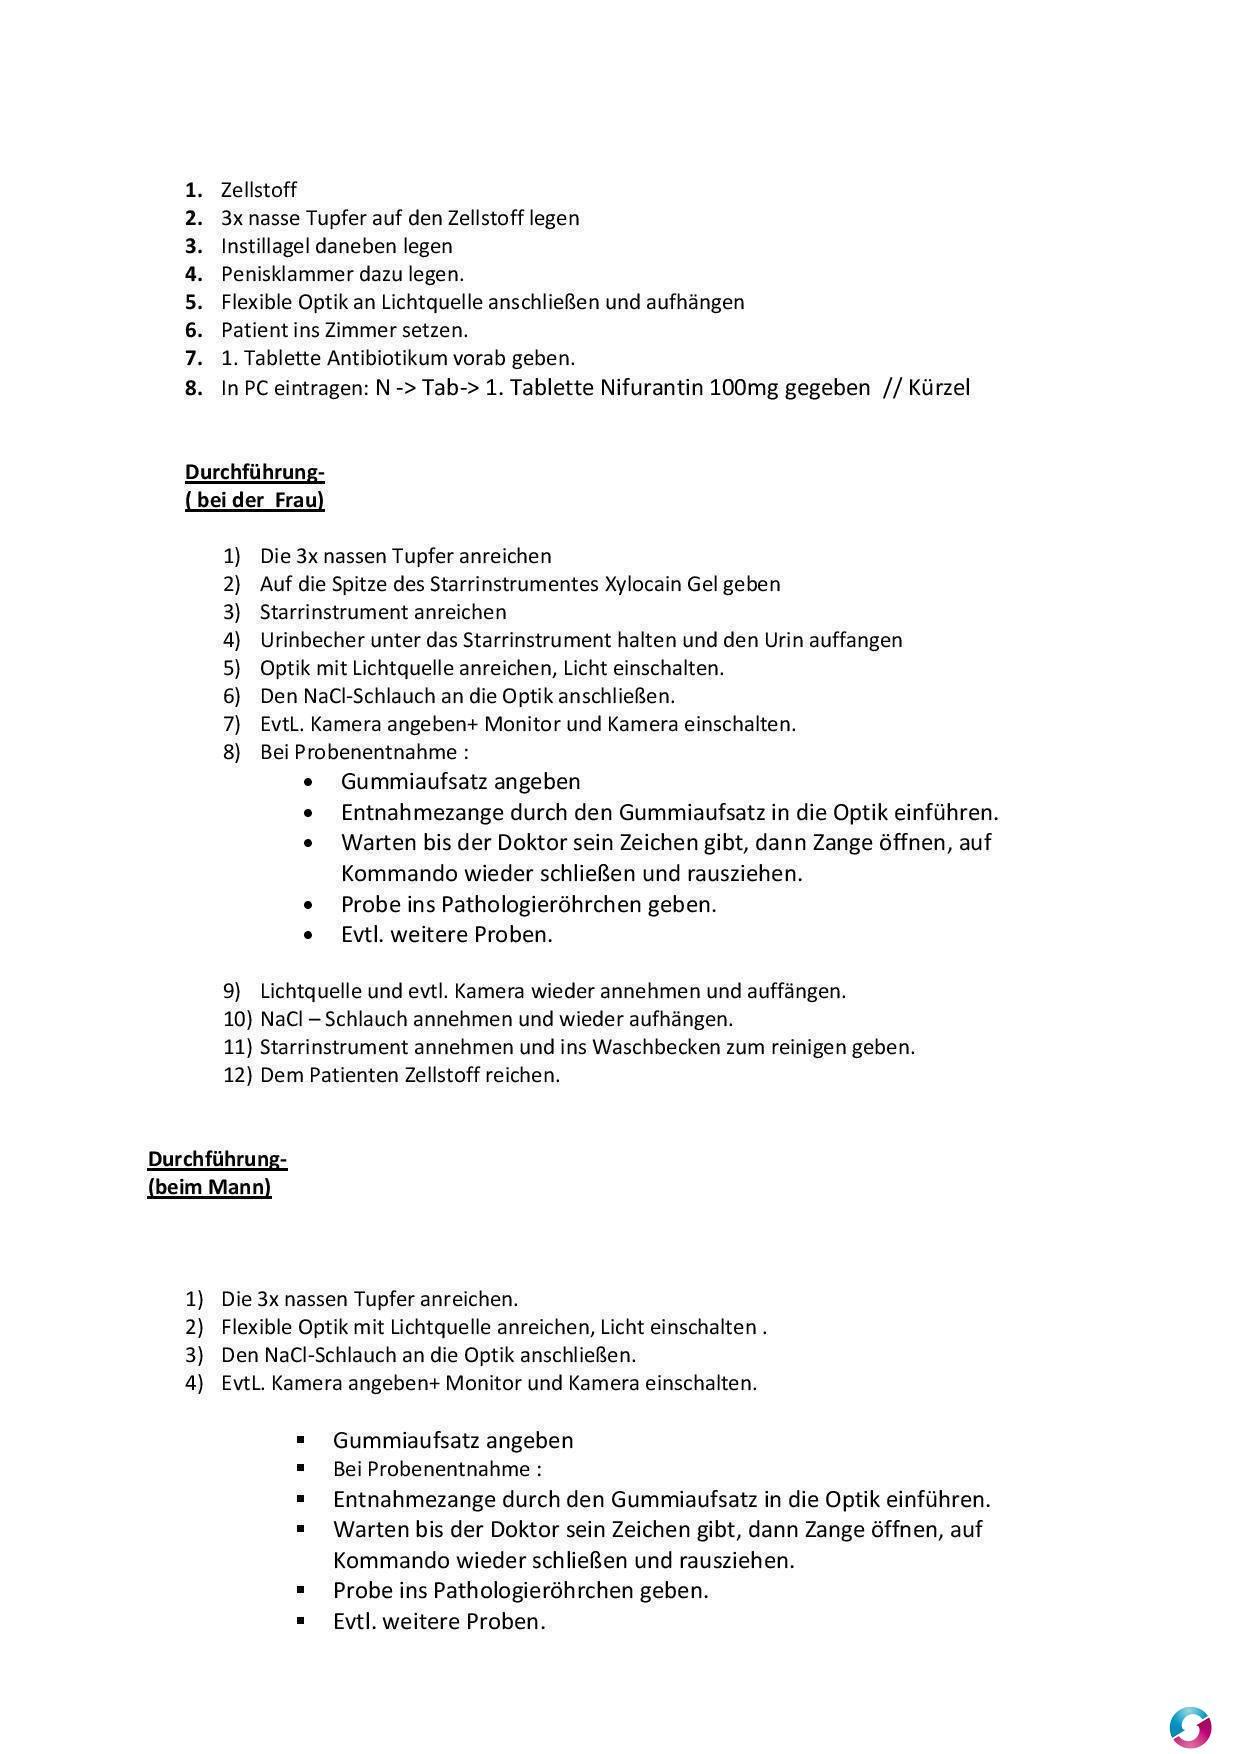 Arbeitsanweisung Assistenz Bei Der Cystoskopie Qualitätsmanagement